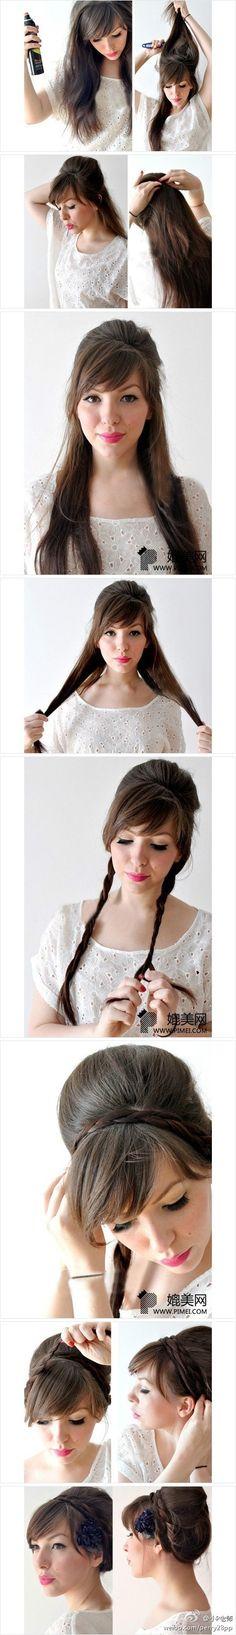 hairstyles <3 by kourtney